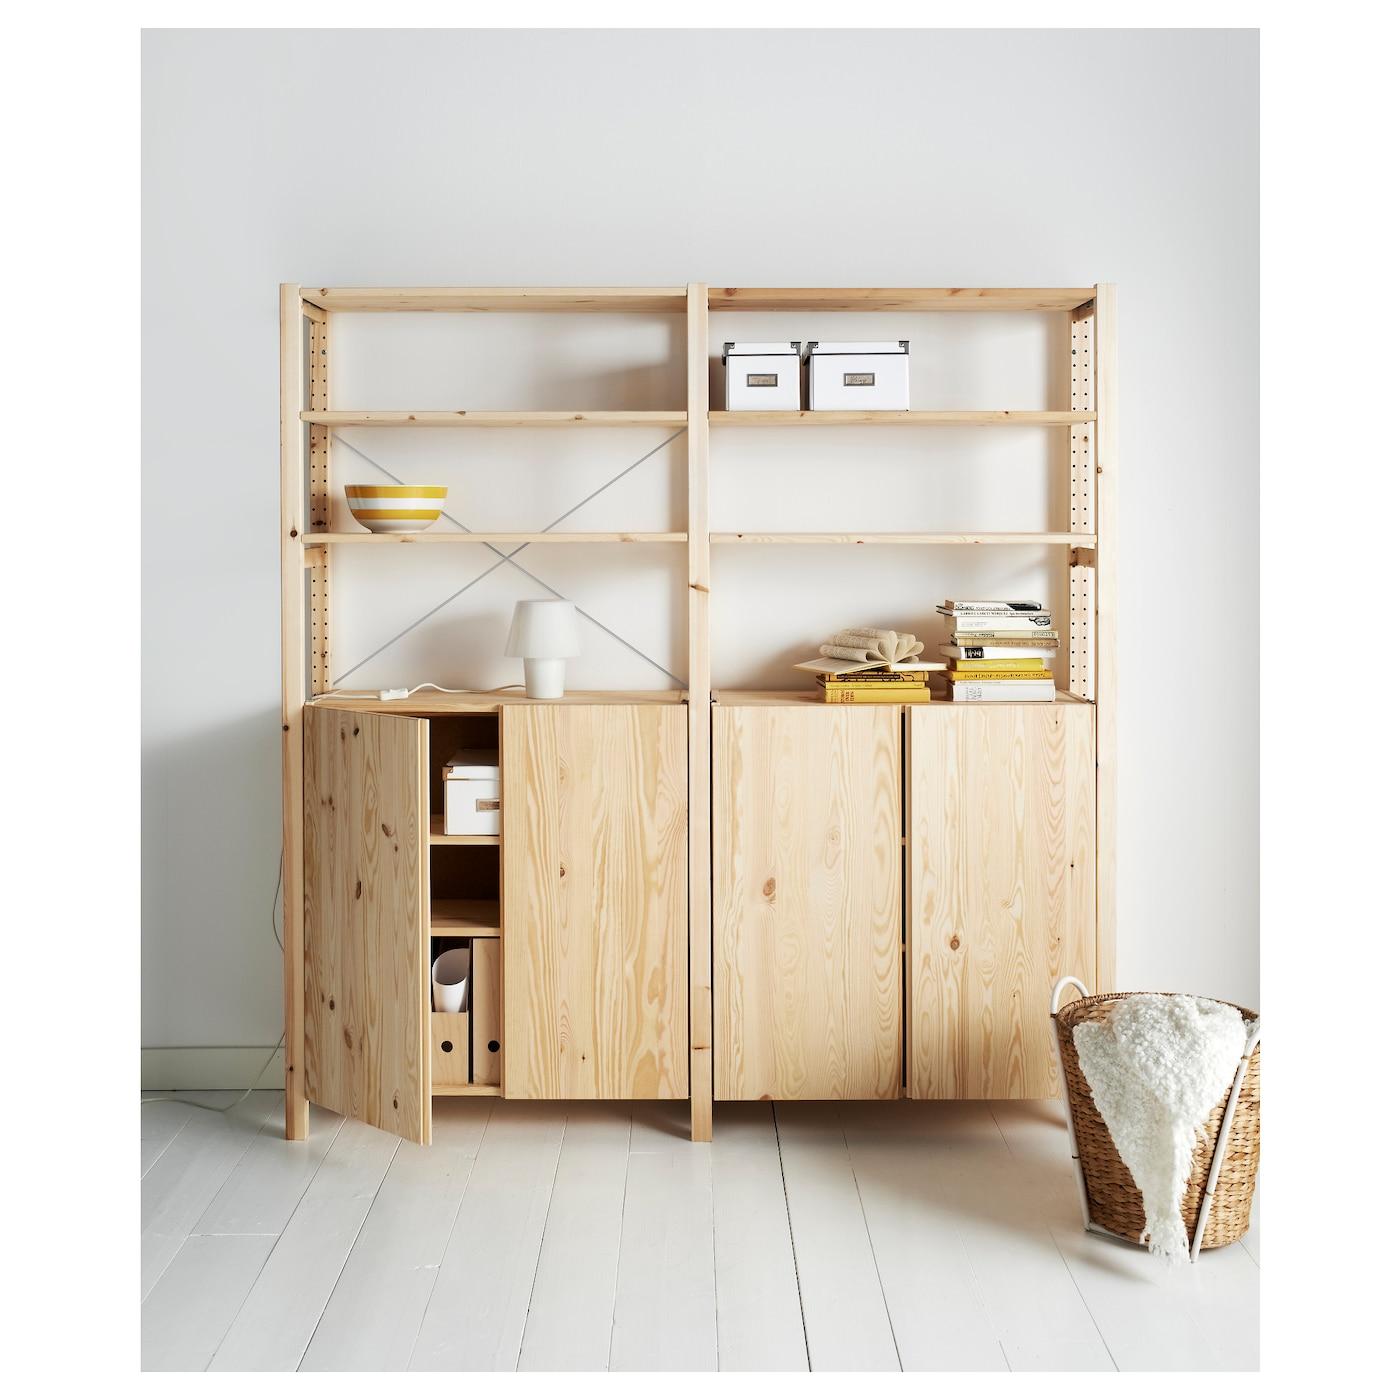 ivar 2 sections shelves cabinet pine 174x30x179 cm ikea. Black Bedroom Furniture Sets. Home Design Ideas